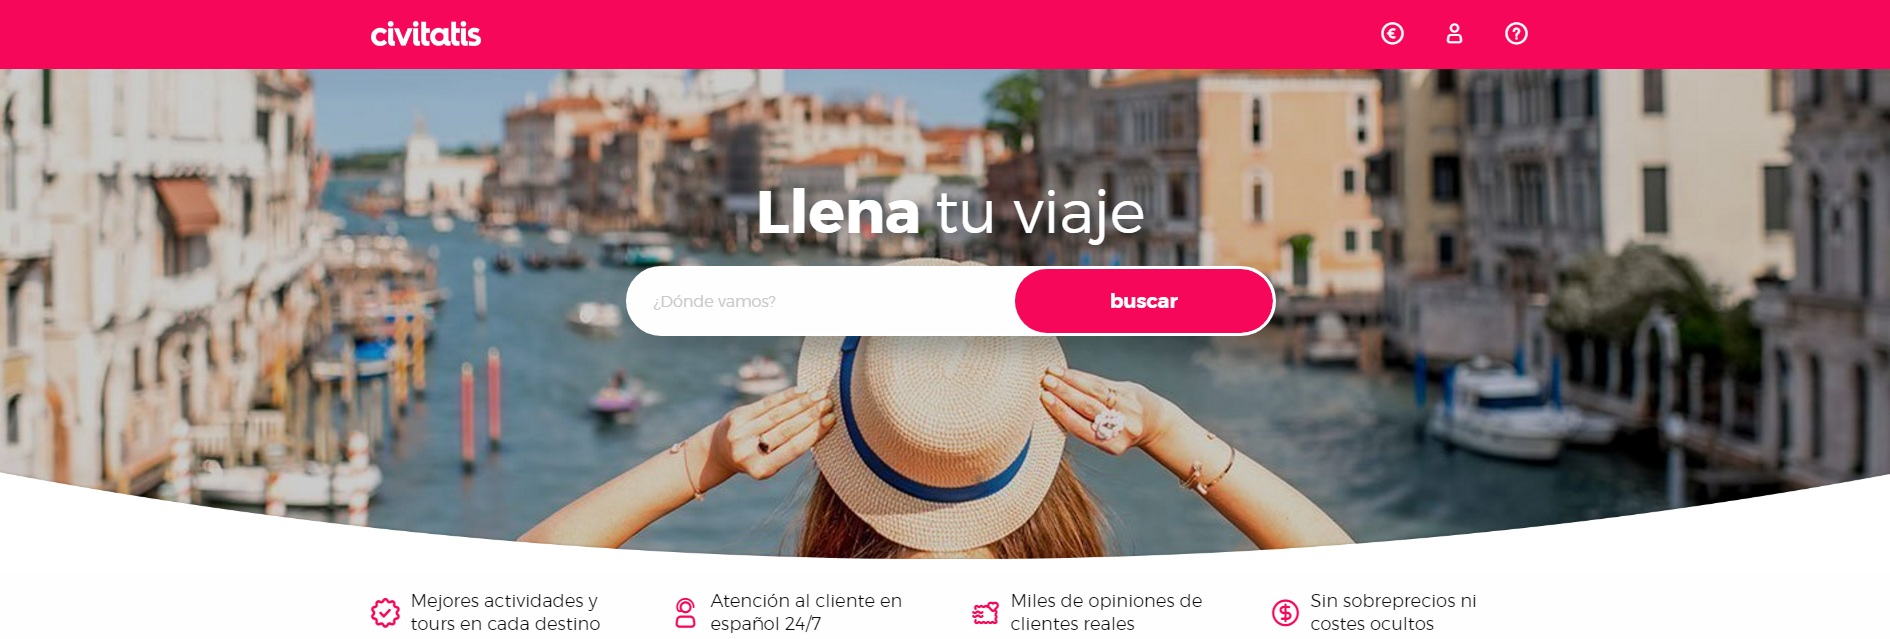 TOURS GRATUITOS POR VENECIA, VALENCIA Y ALICANTE CON CIVITATIS.COM